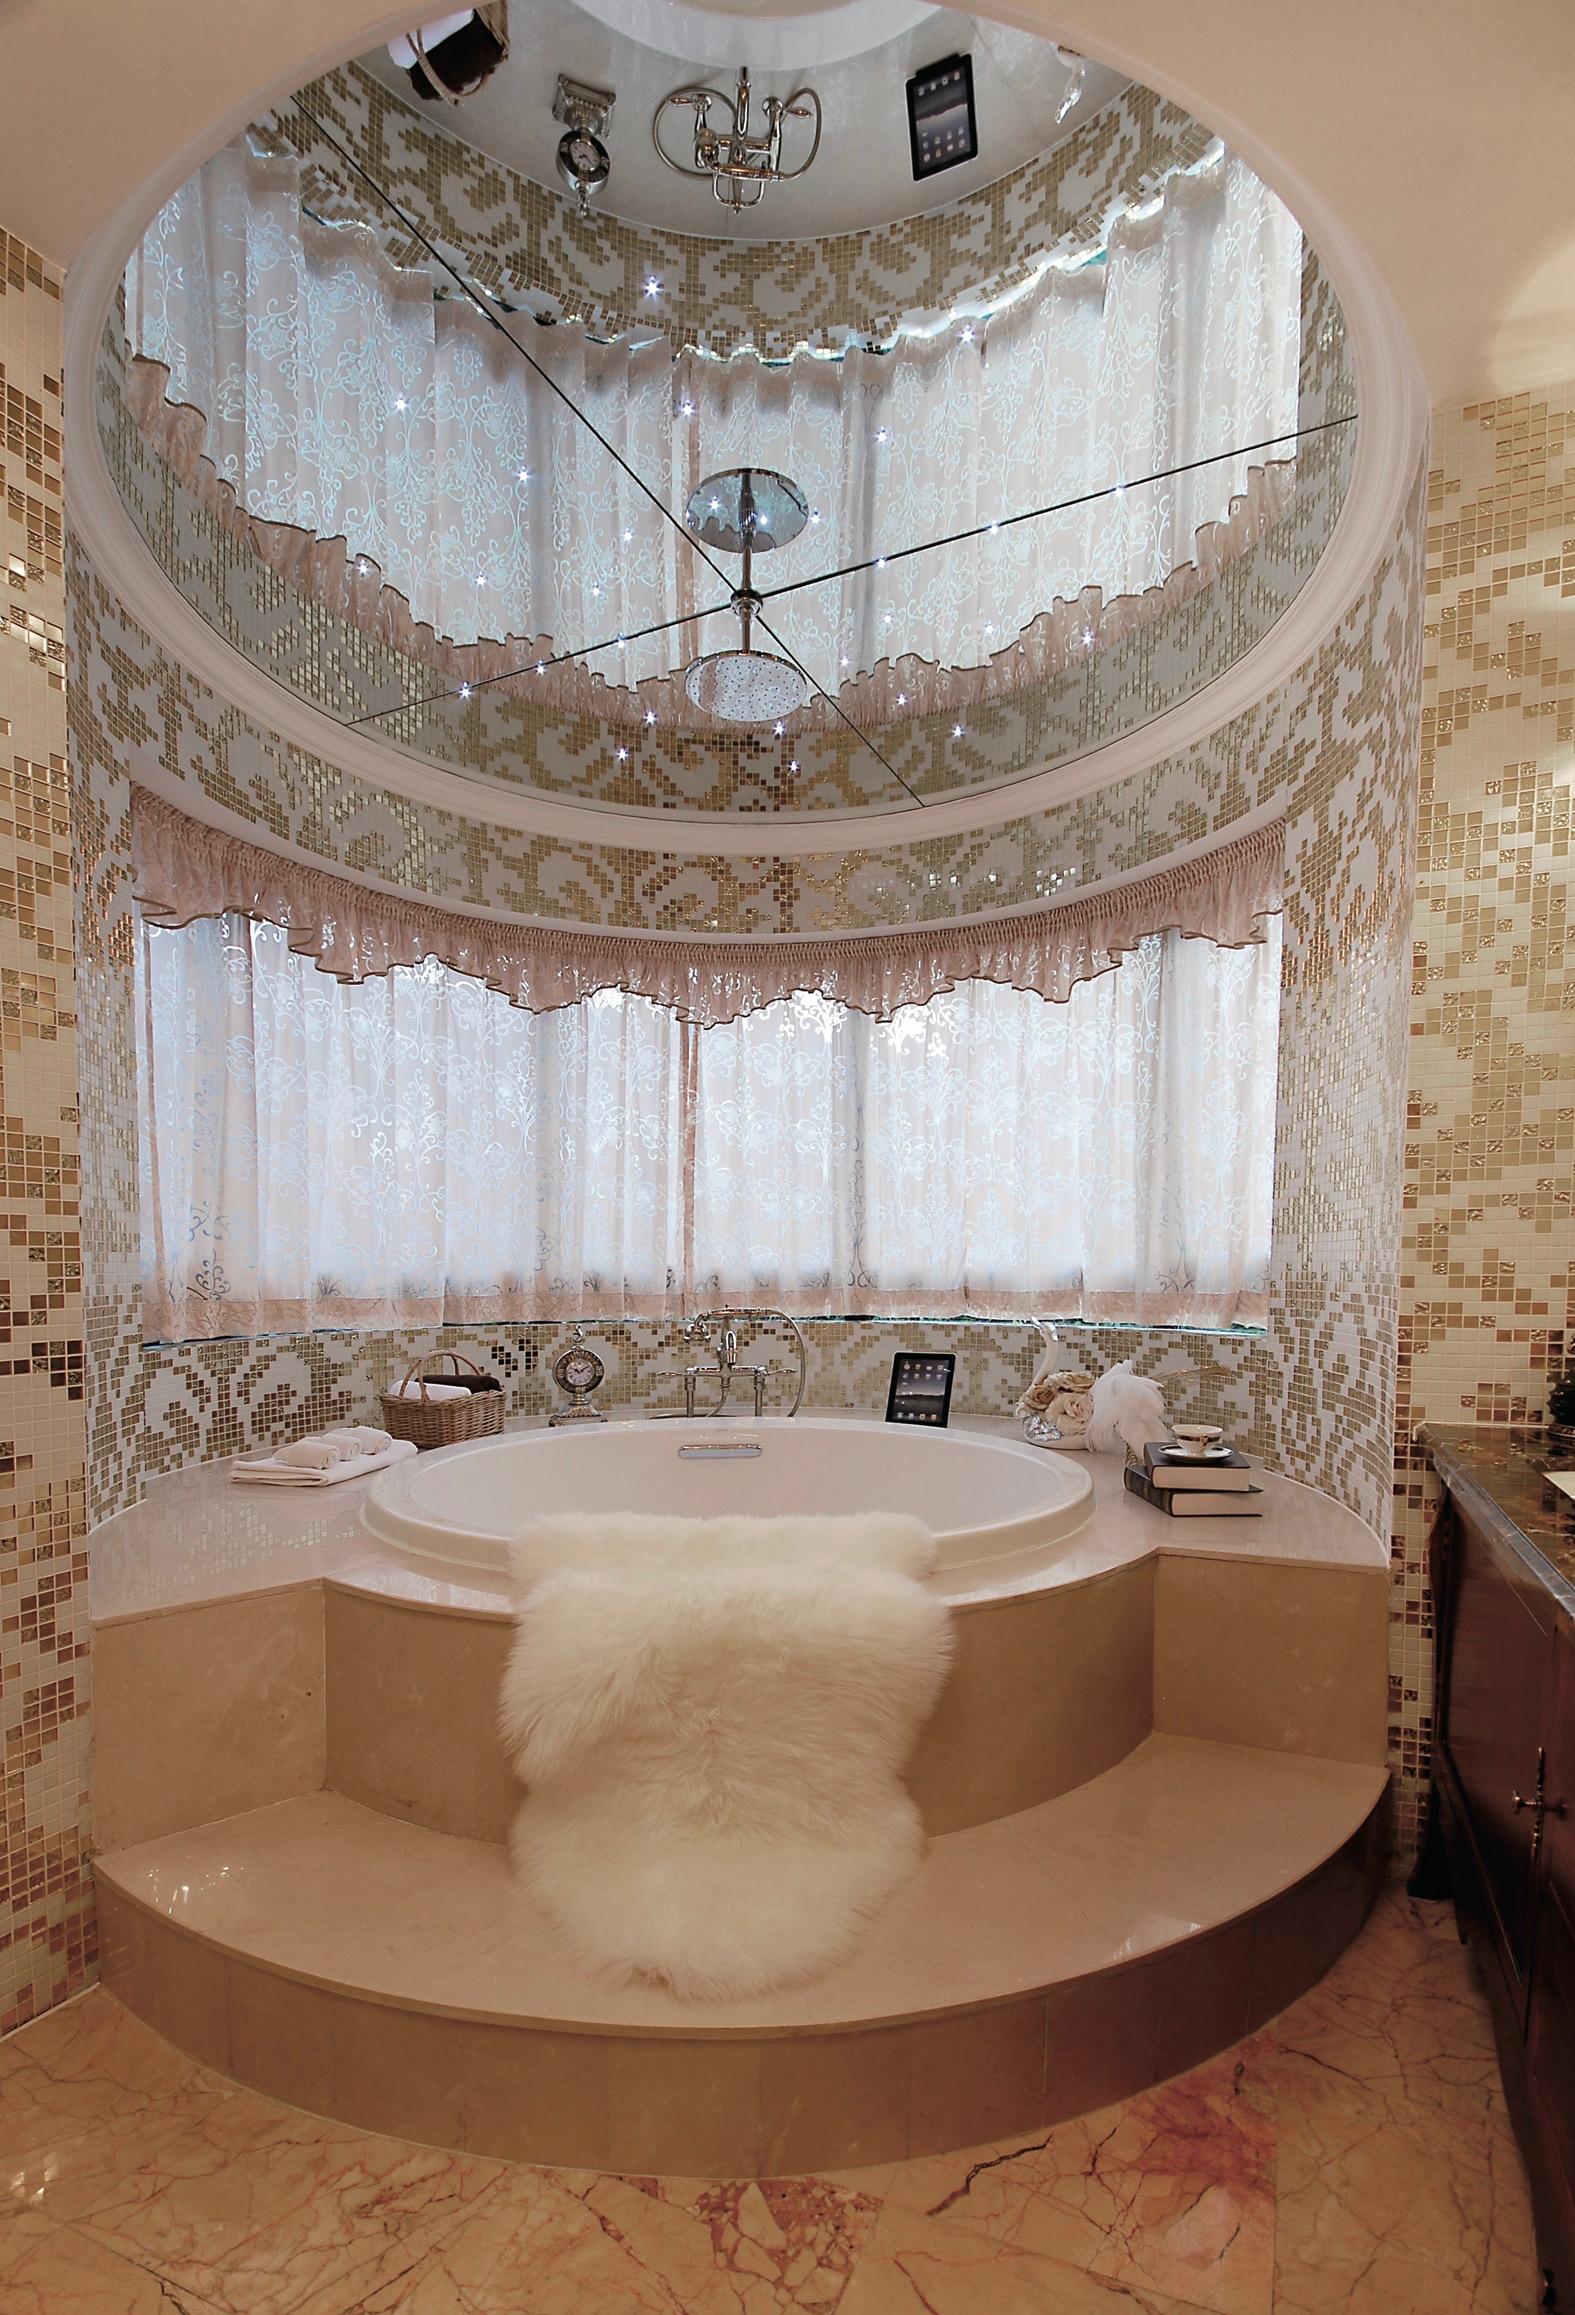 круглое зеркало на потолке в ванной